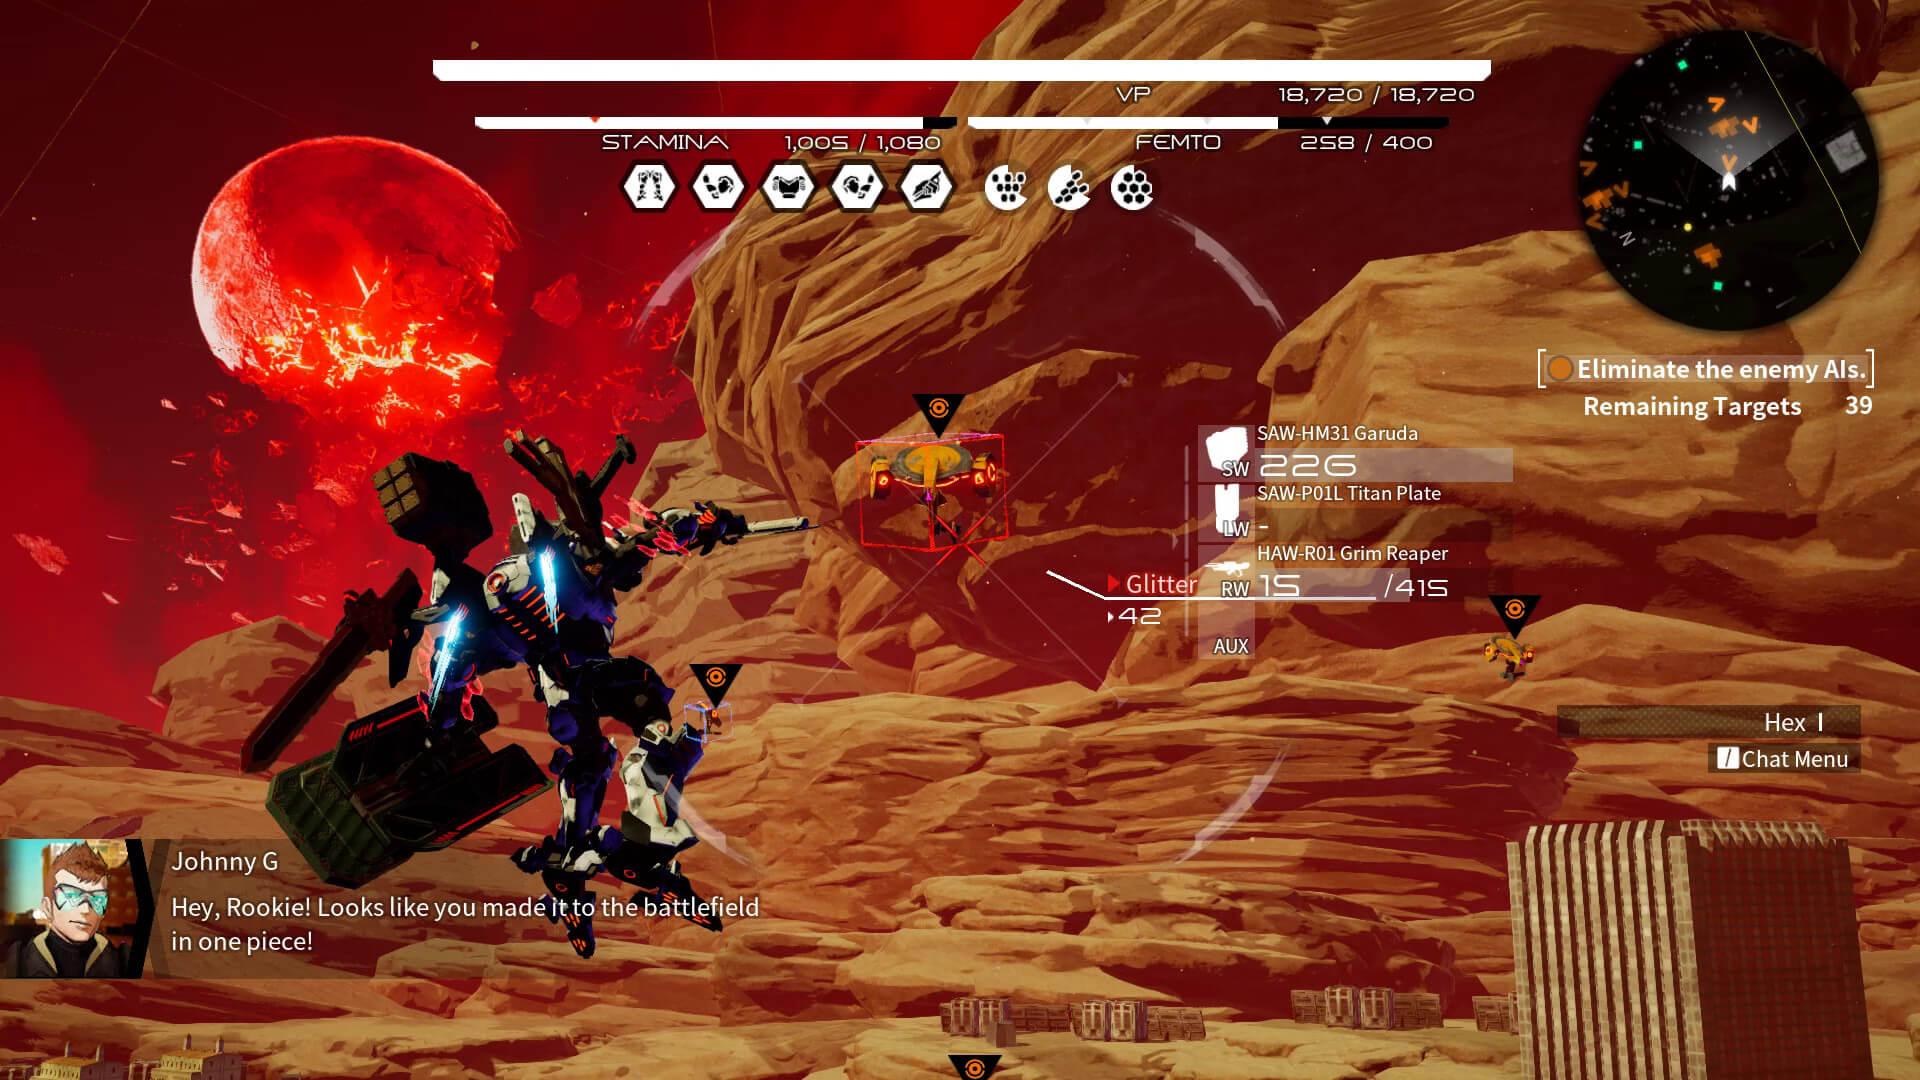 Скриншот из игры DAEMON X MACHINA